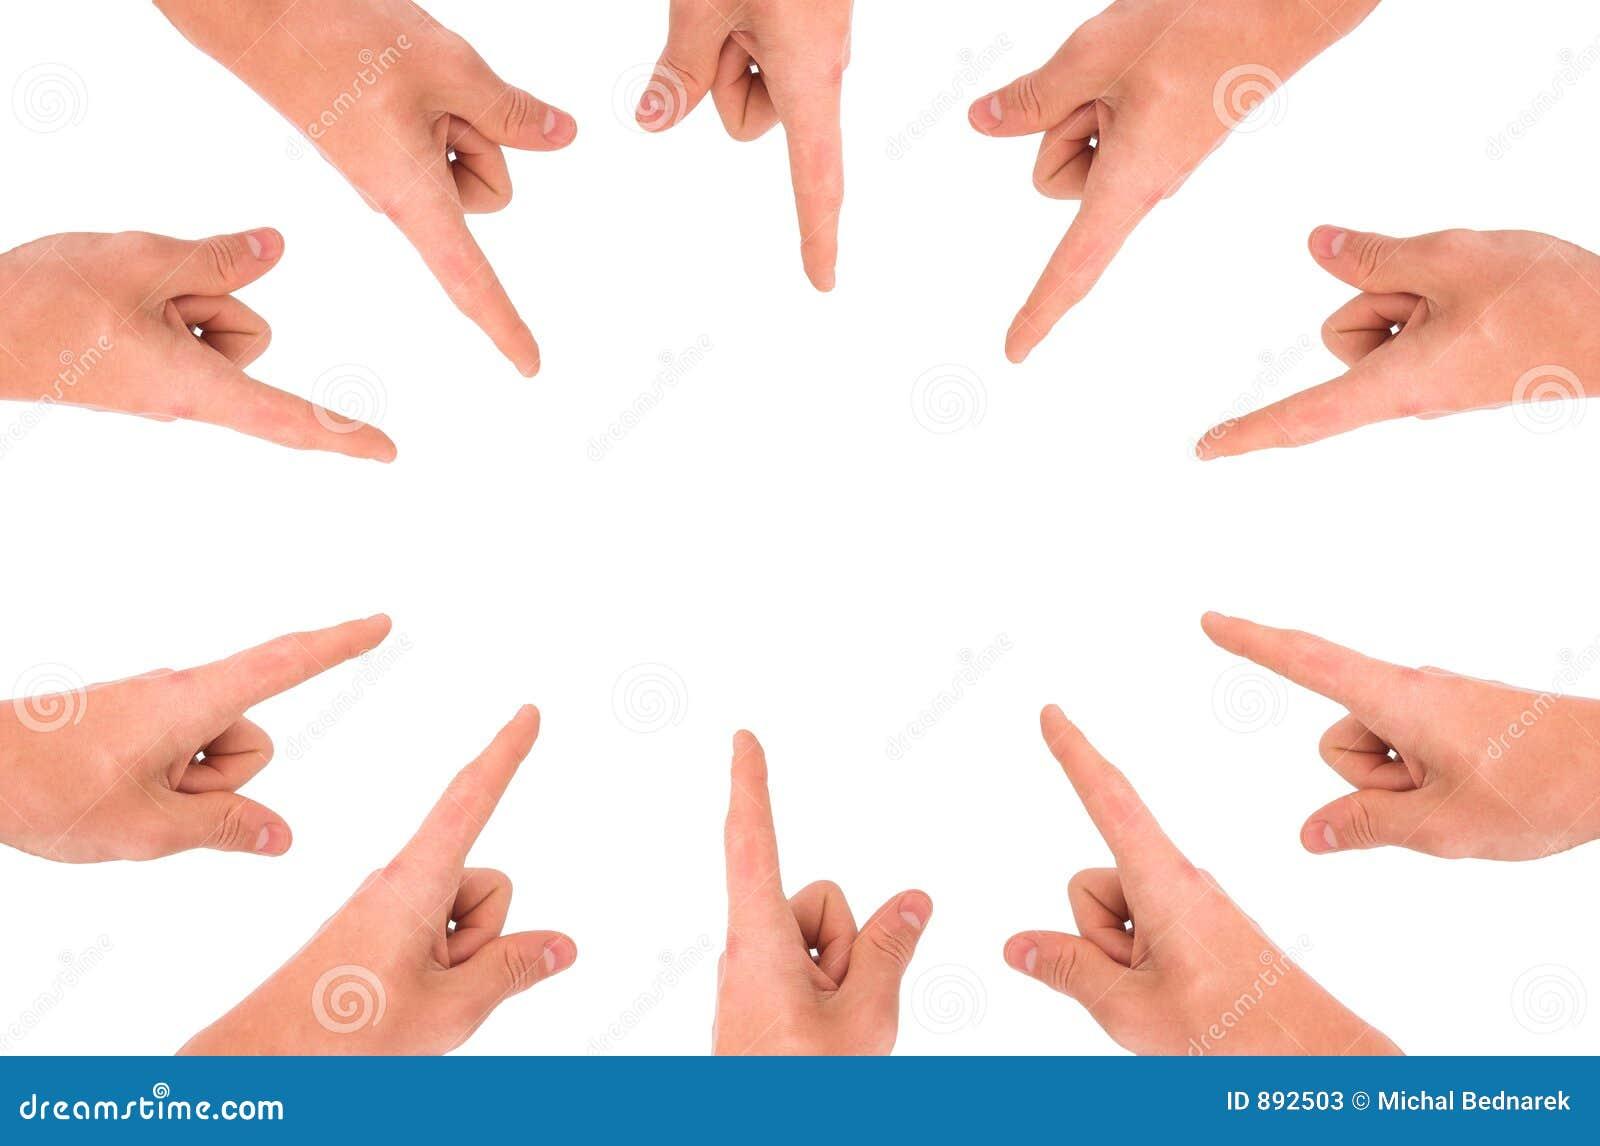 Twój produkt wskazany ręce